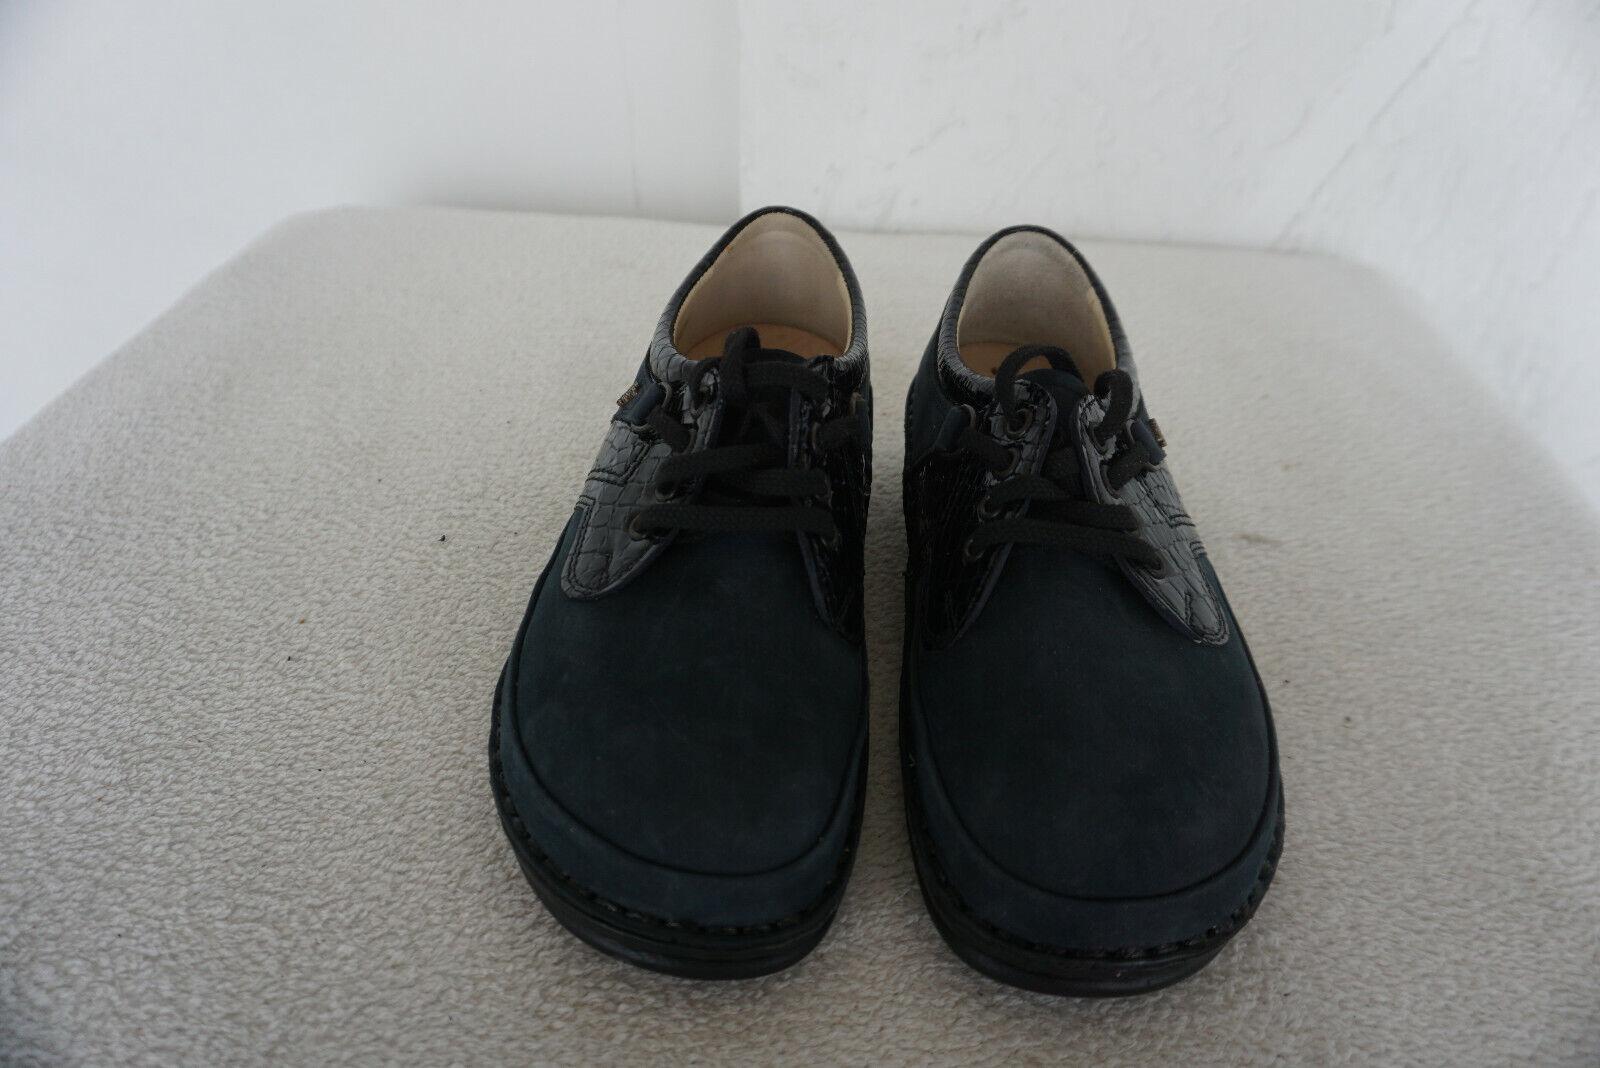 Finn Comfort mónaco schnürzapatos zapatos talla 37 azul marino depósitos nobuck cuero nuevo